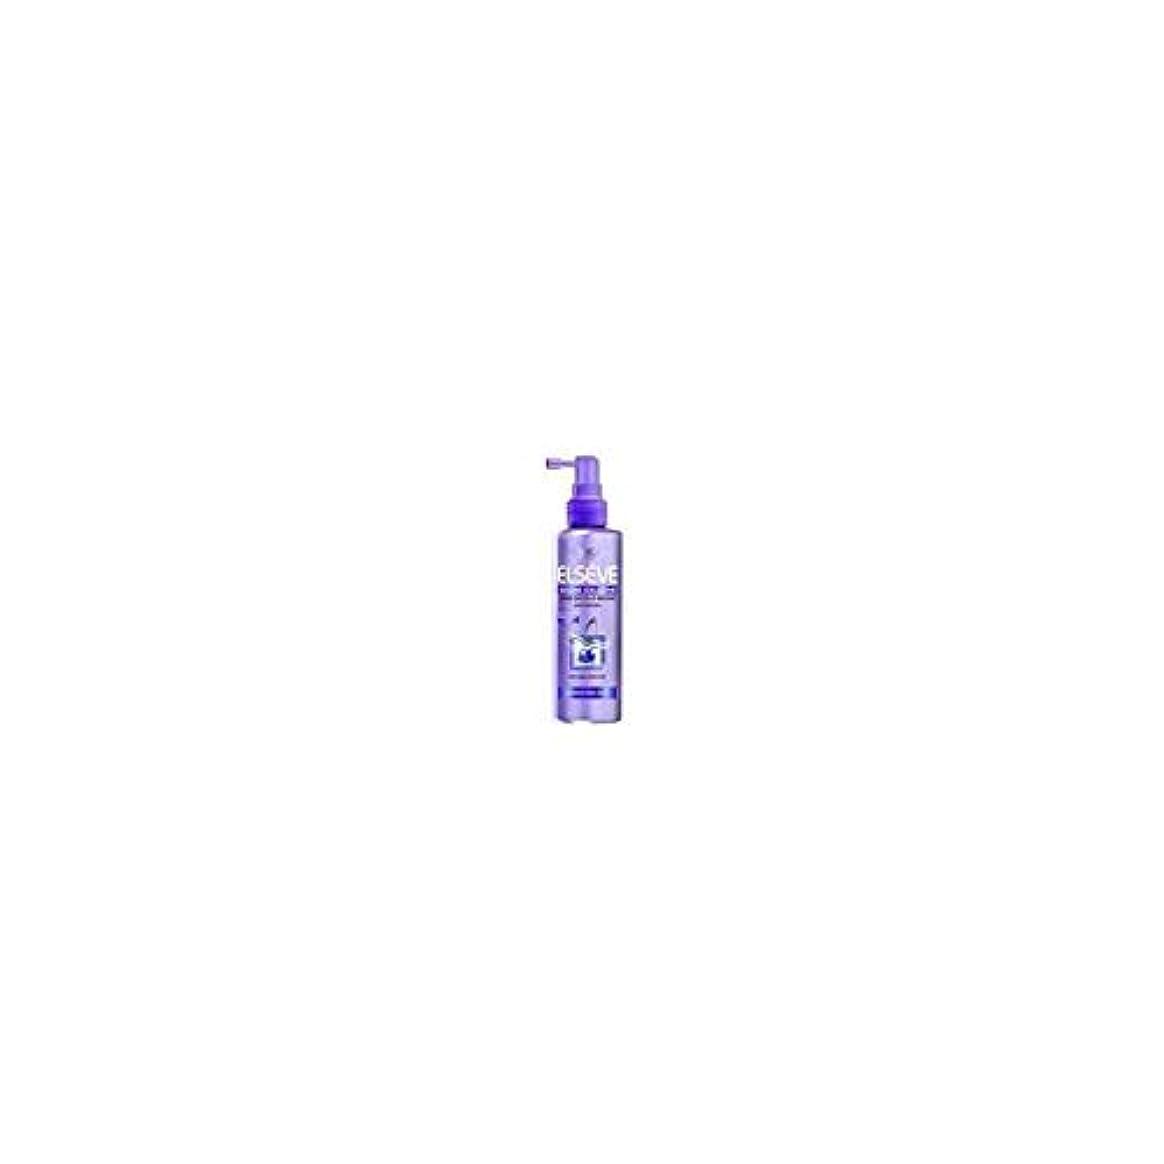 低下かすれた通路ELSEVE - Spray décolle racines - Volume collagene 200ml